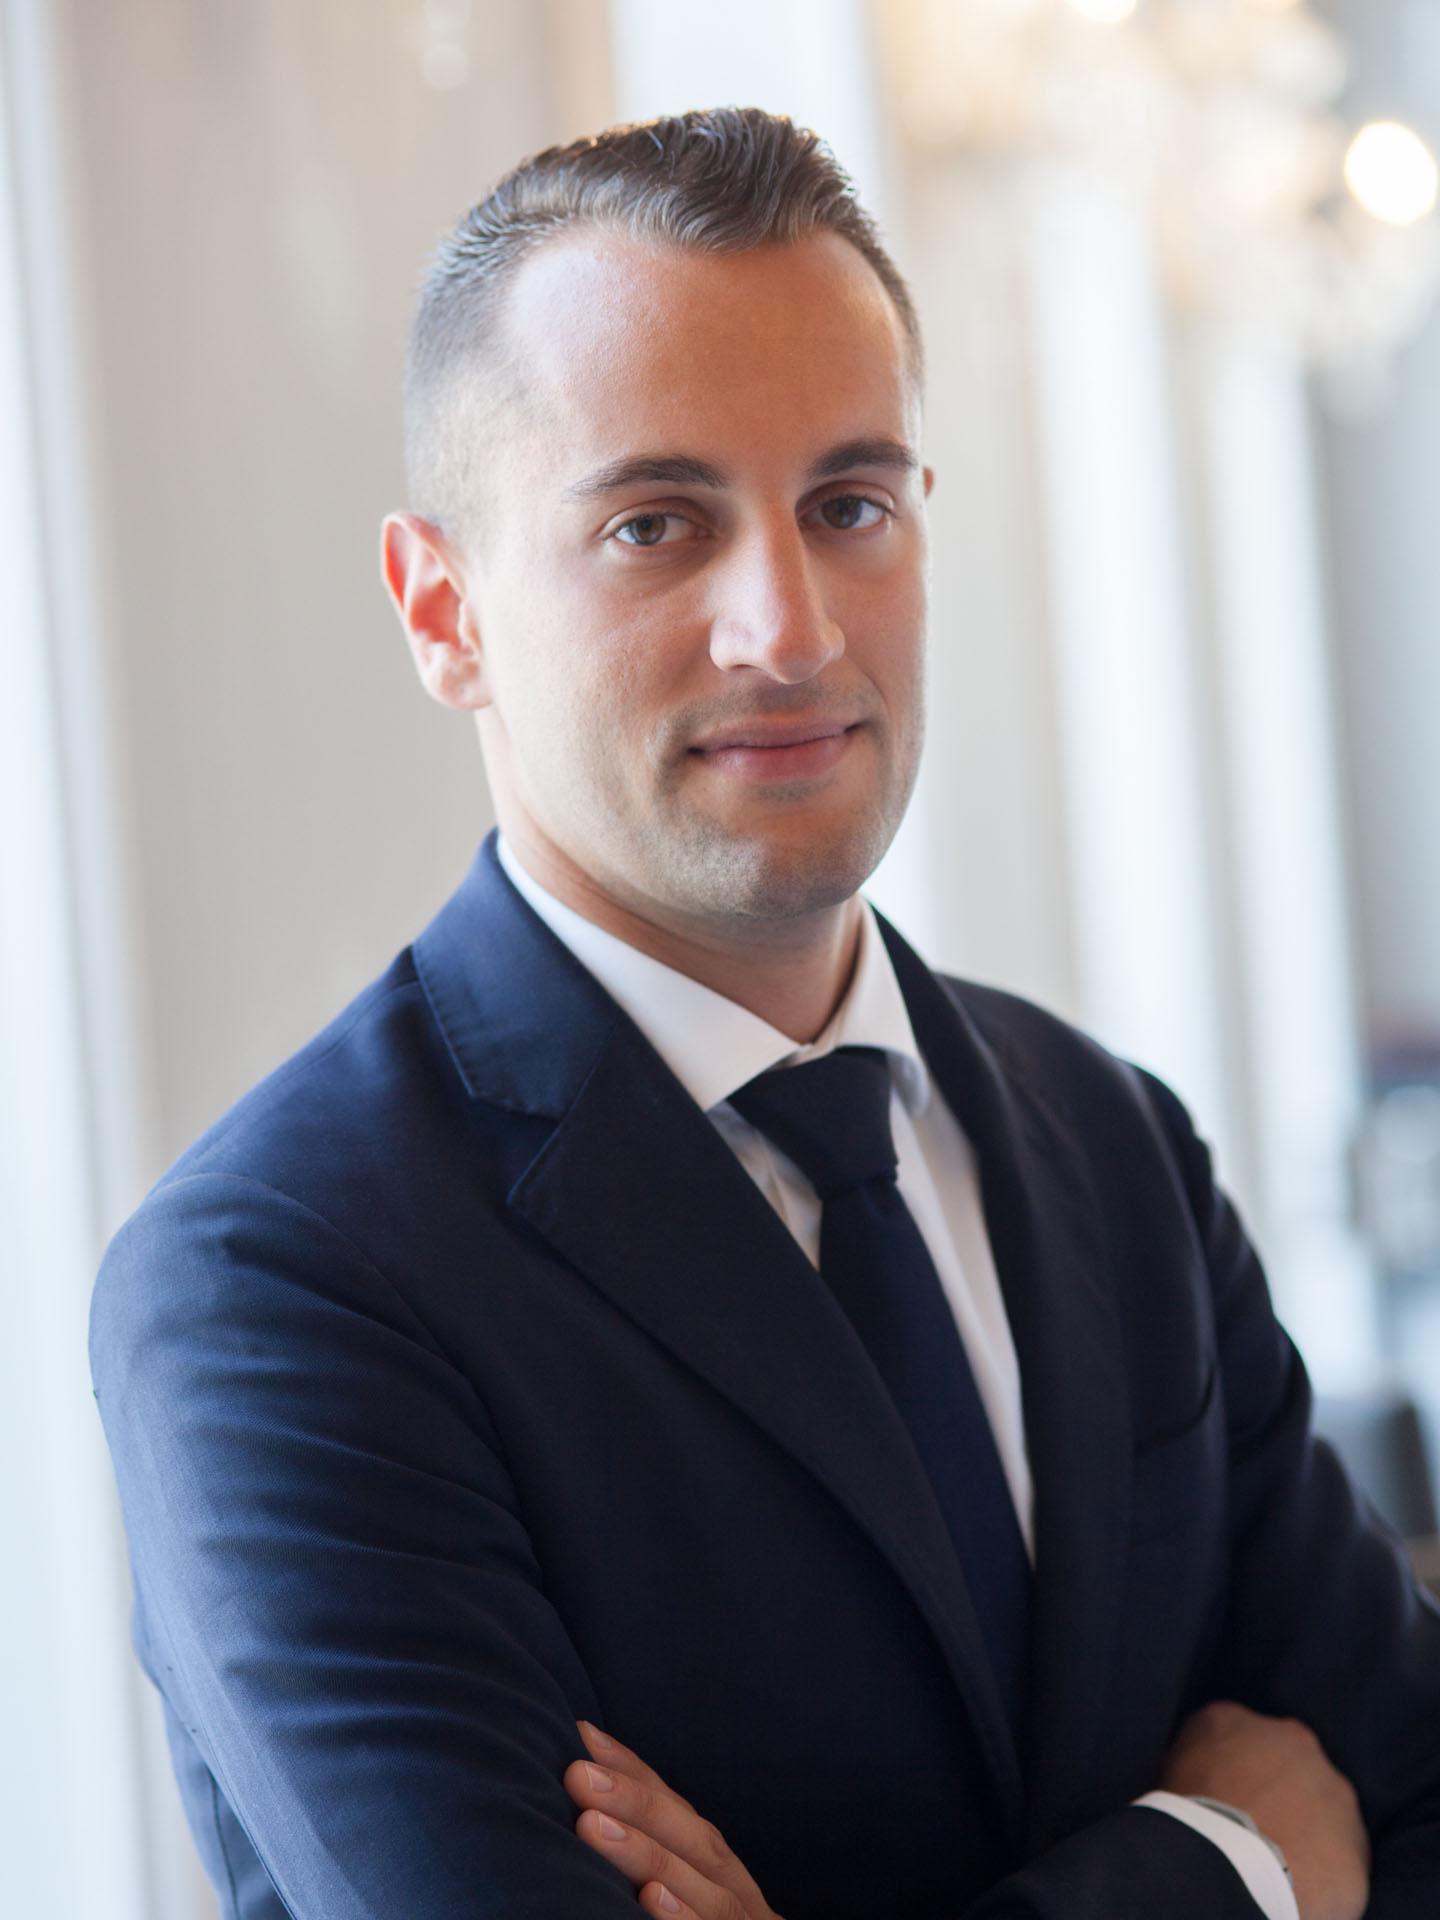 Marco Di Norscia